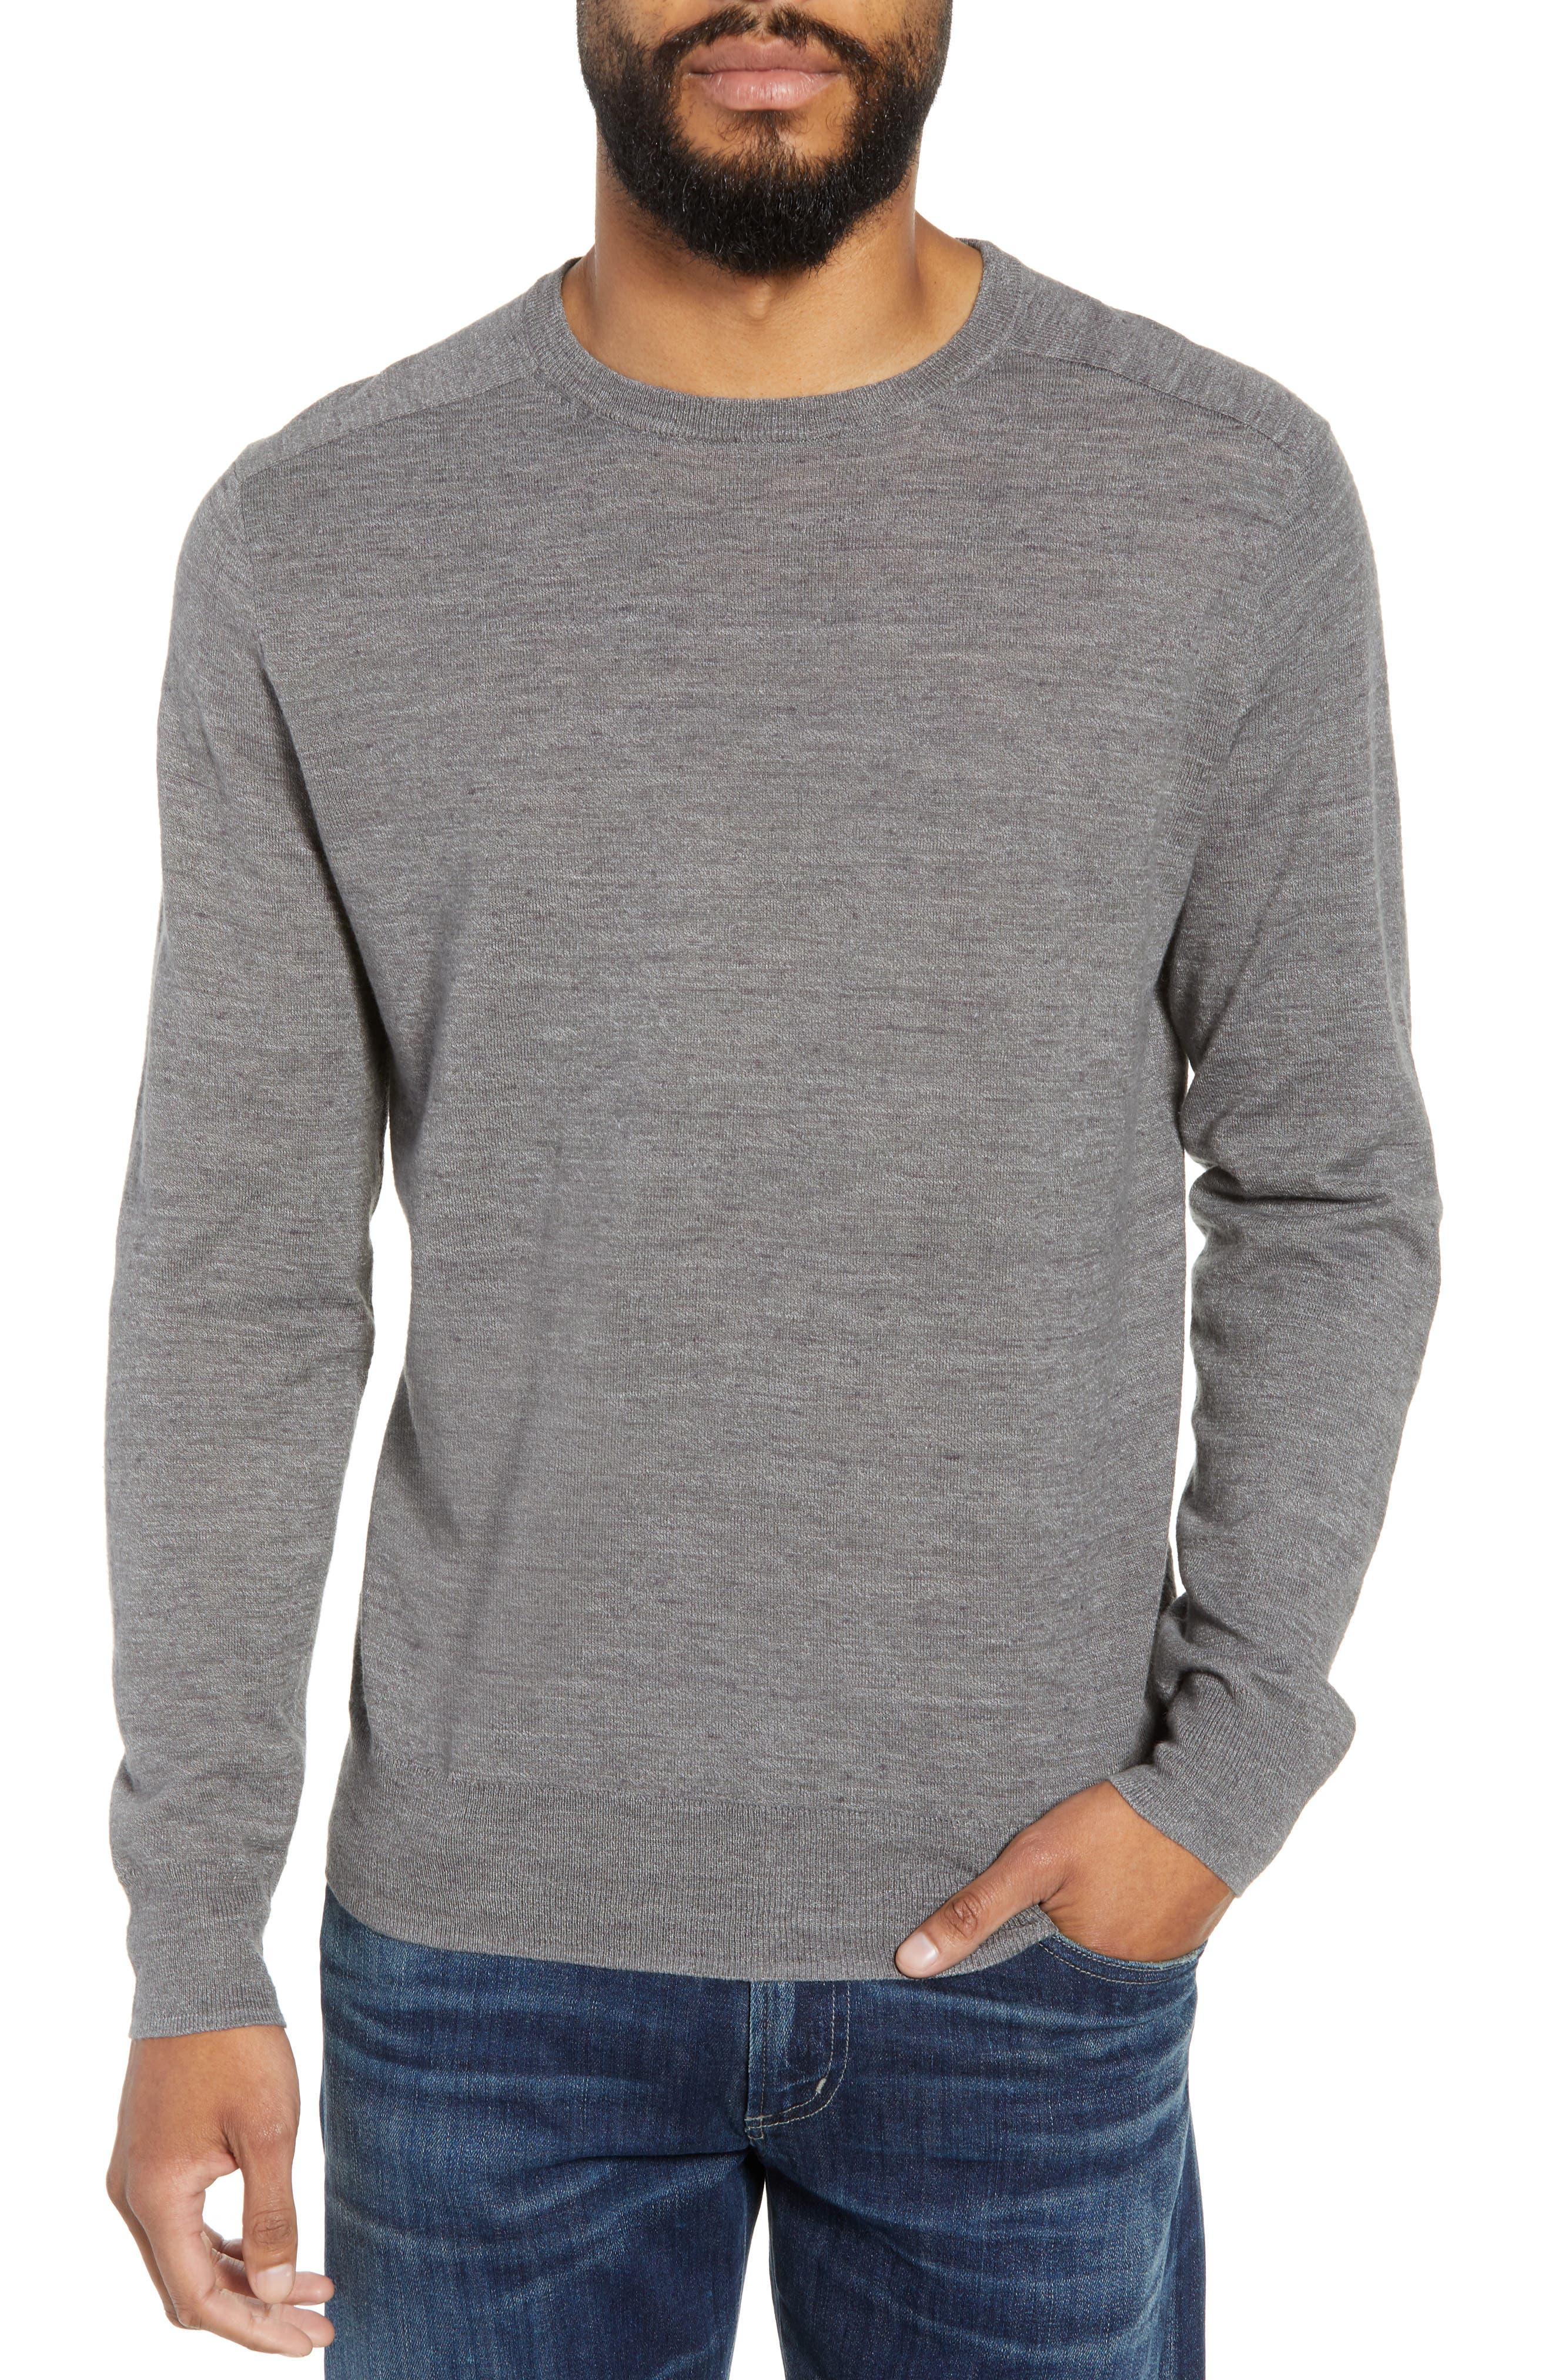 Cotton Blend Crewneck Sweater,                         Main,                         color, 022